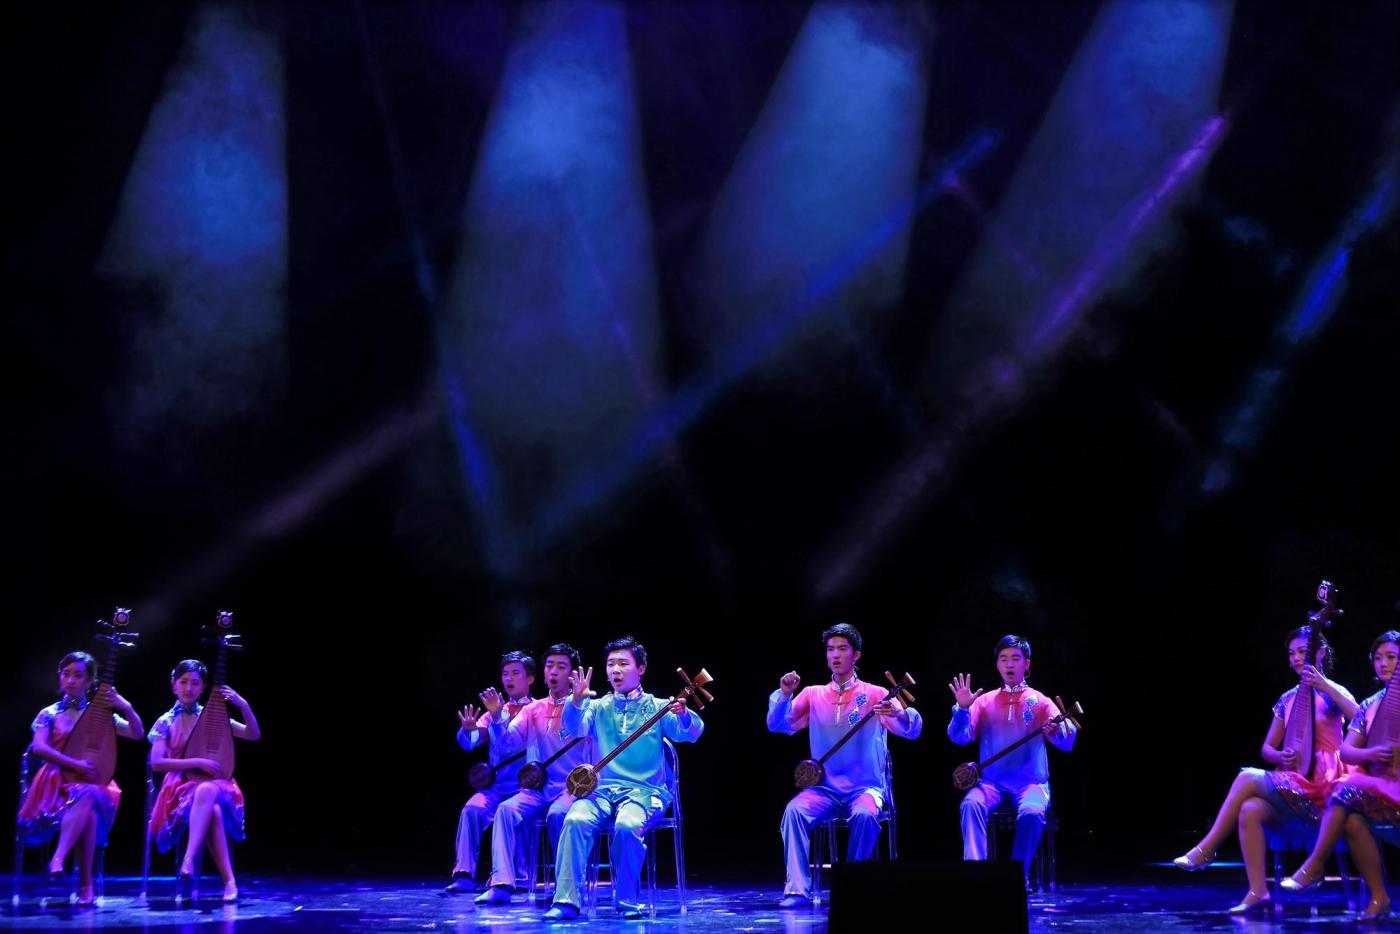 【达威】逆光下的舞台摄影_图1-17